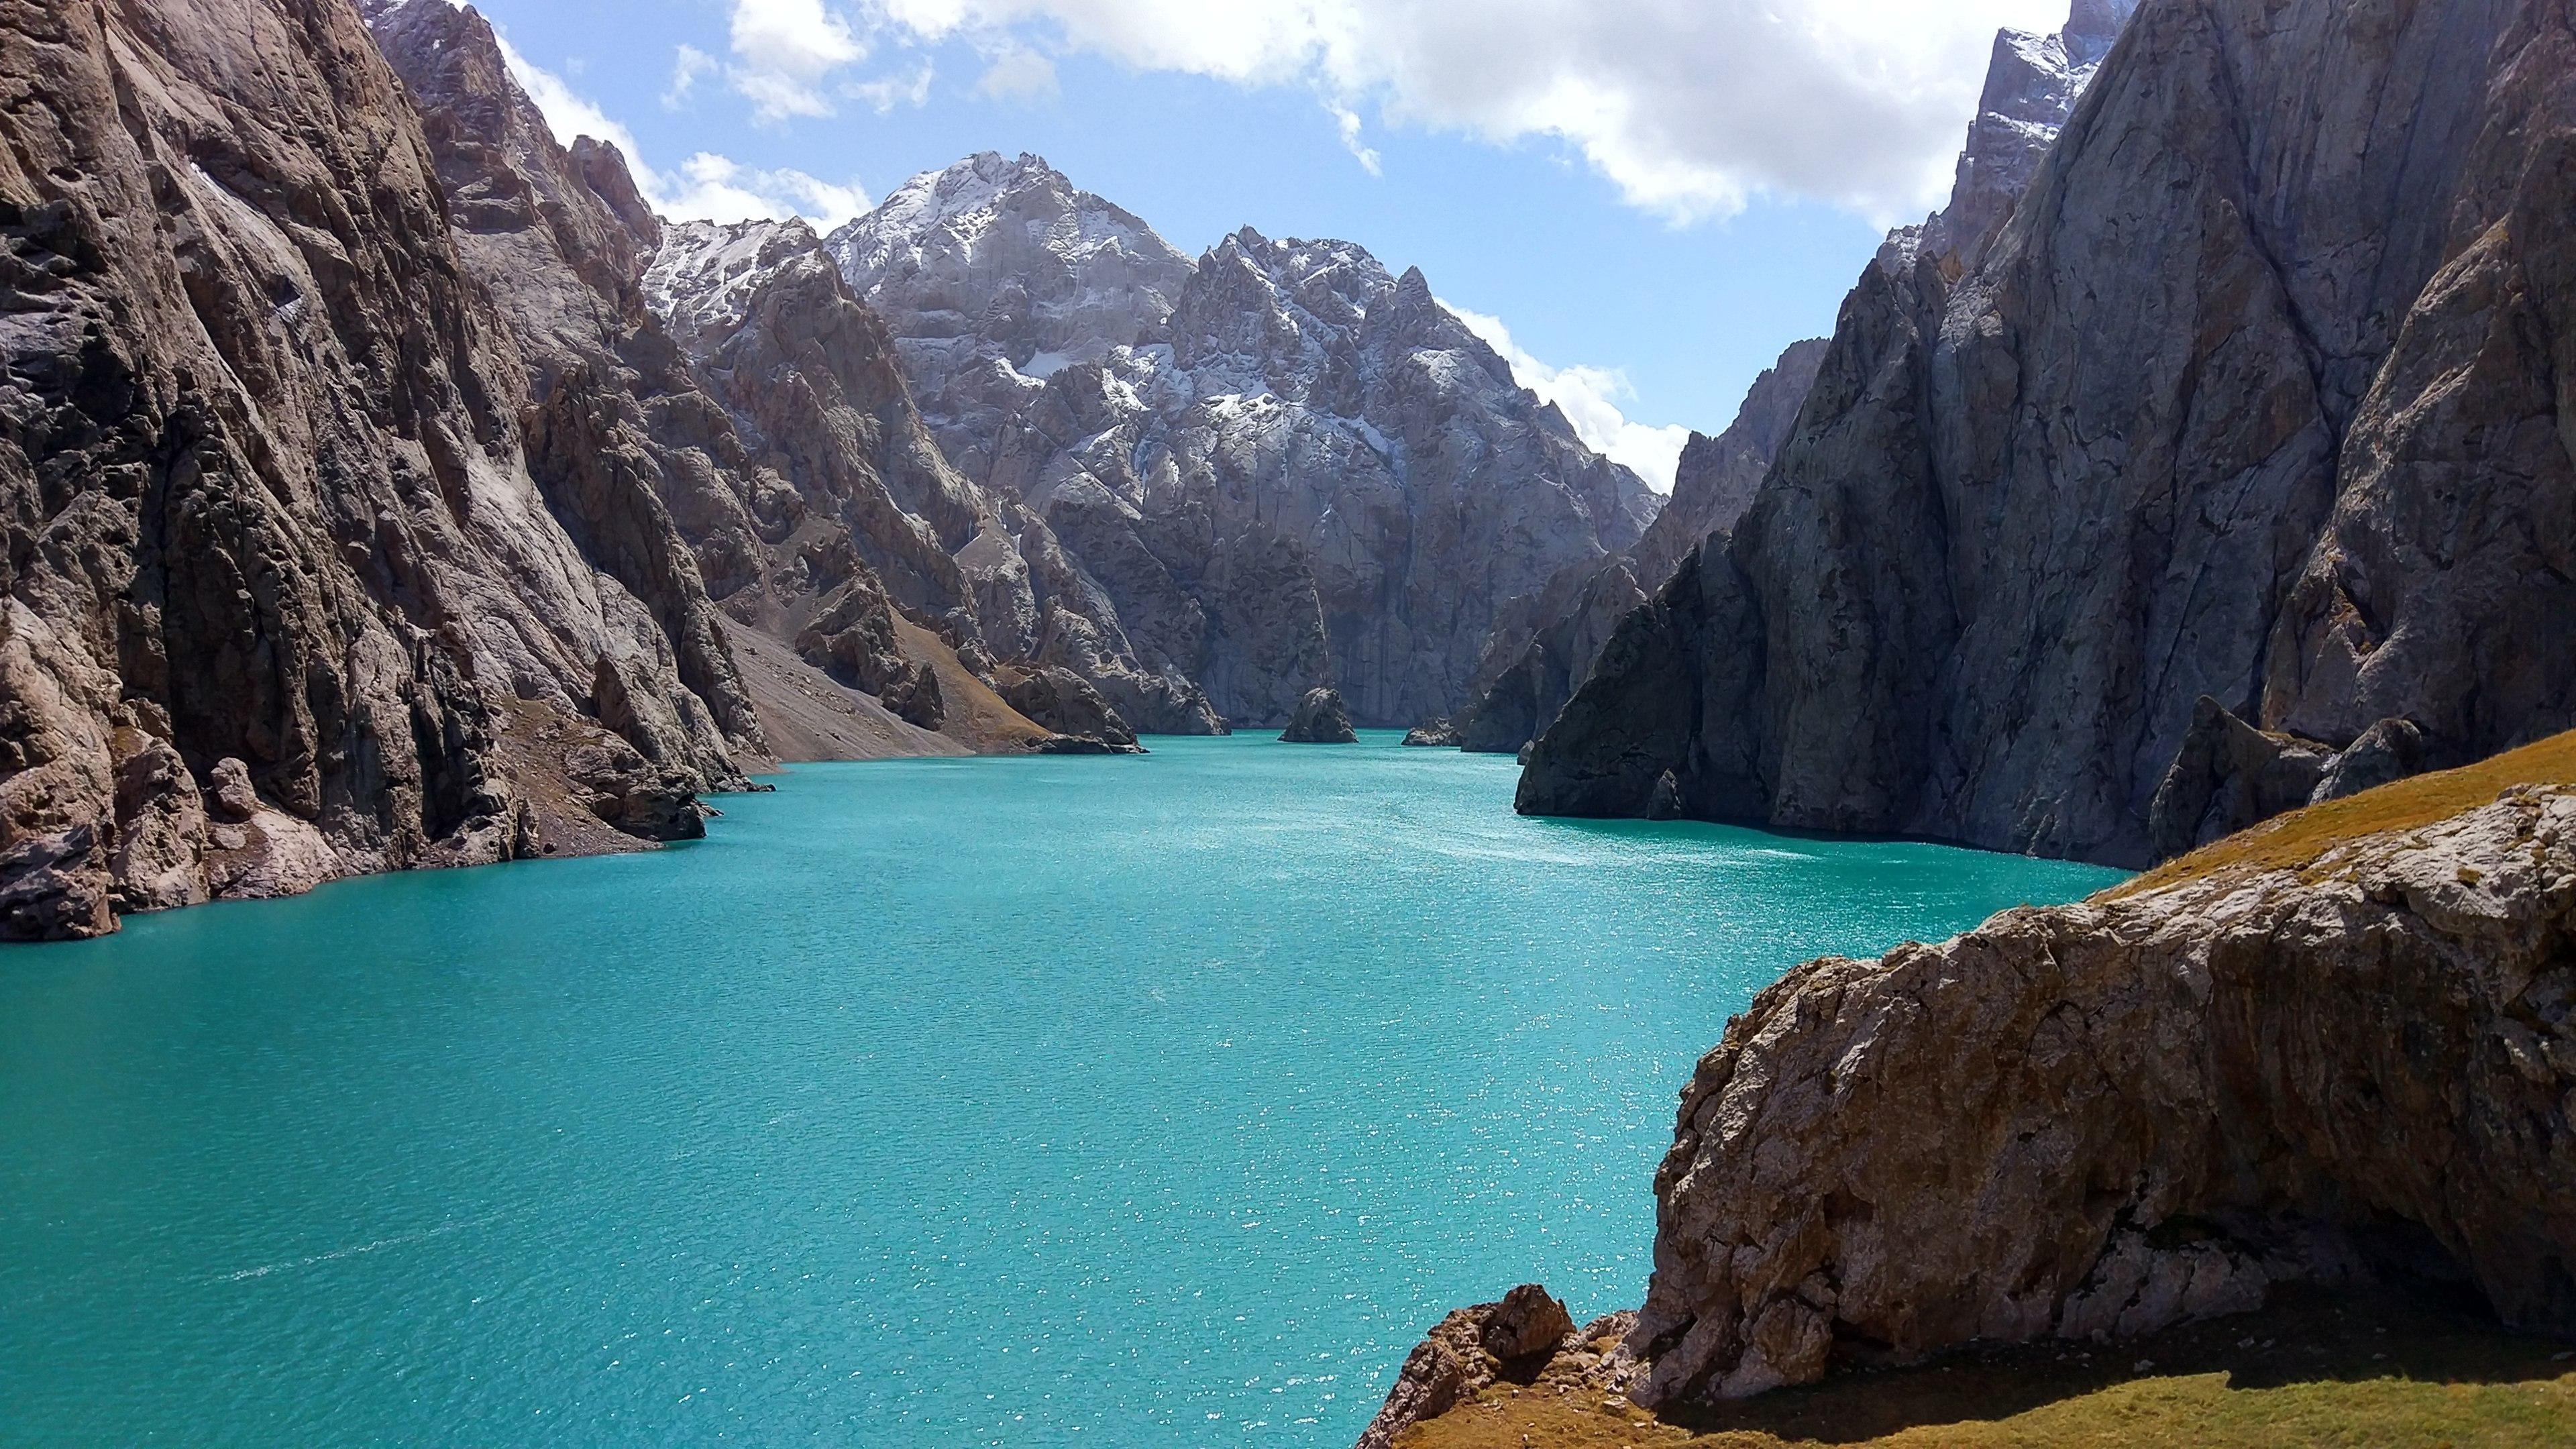 Kyrgyzstan, Kel-Suu Lake